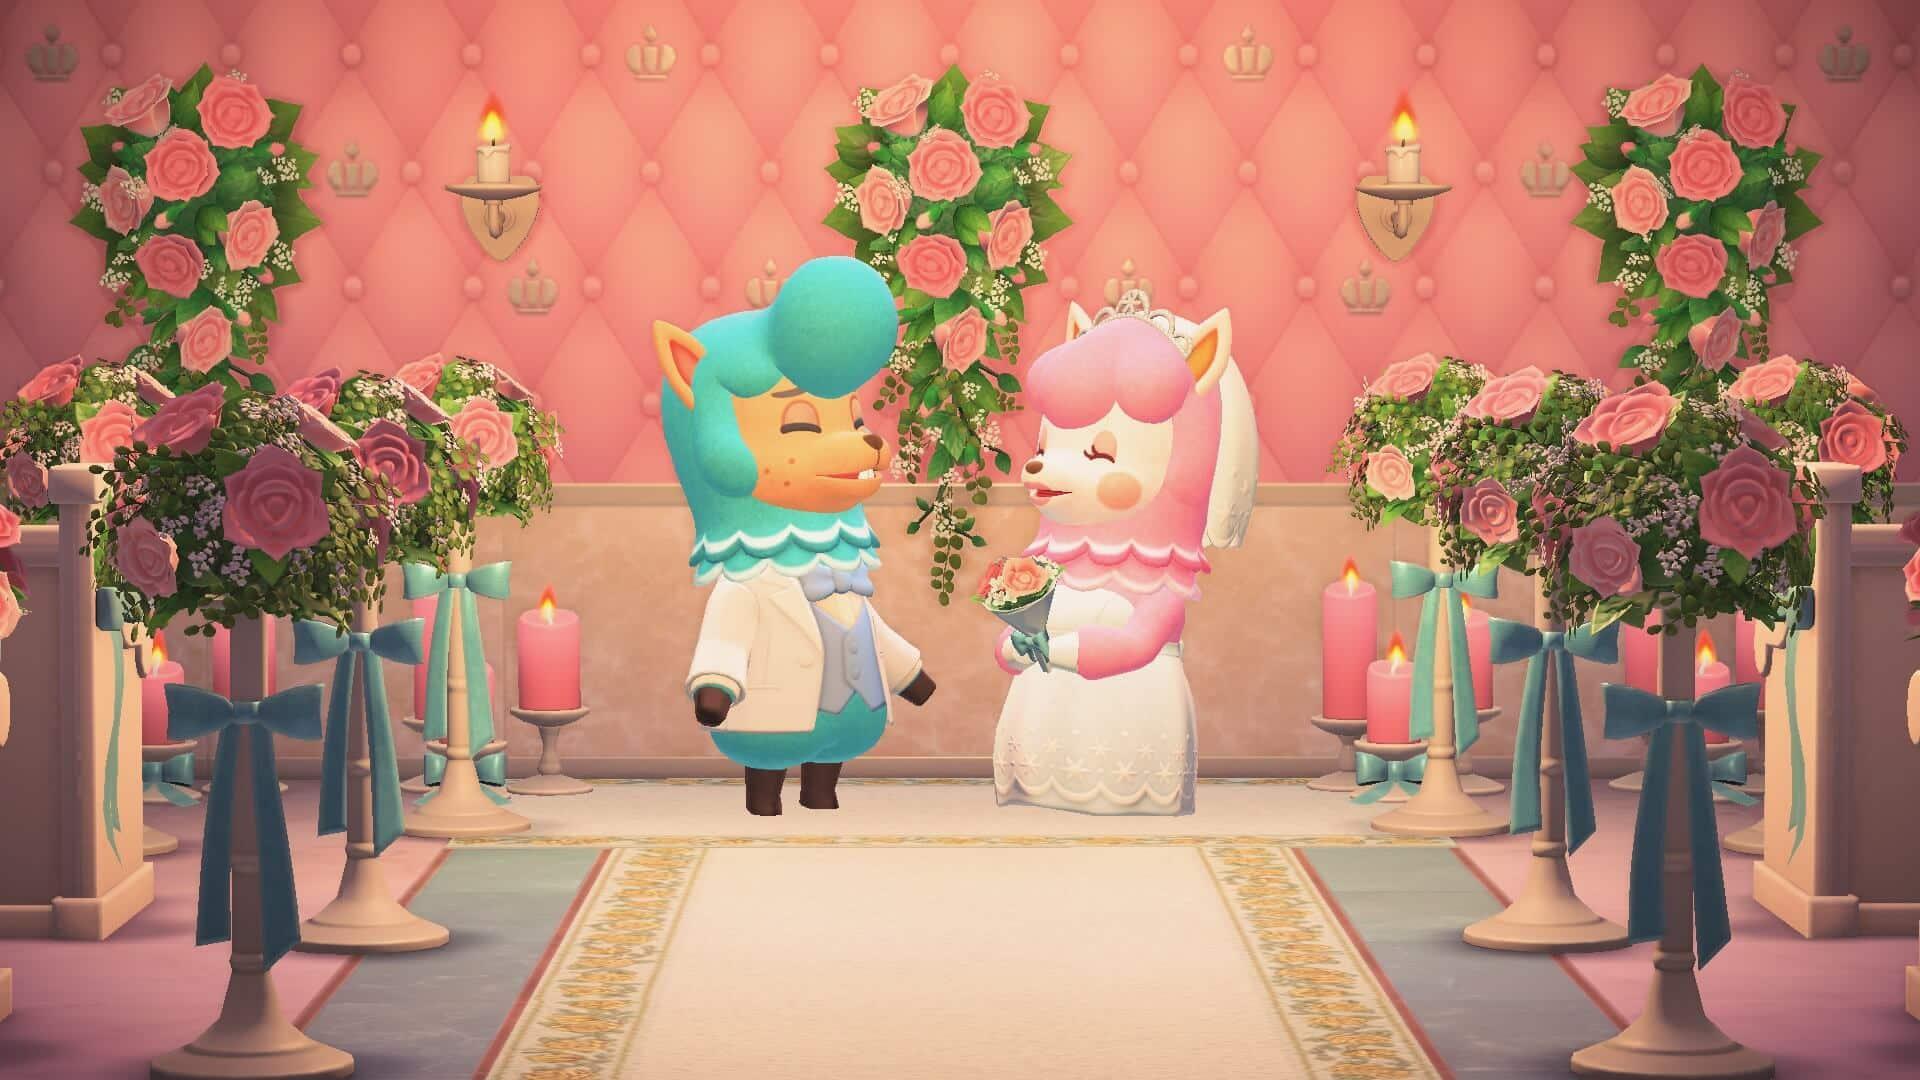 סיירוס וריס ממשחקי אנימל קרוסינג